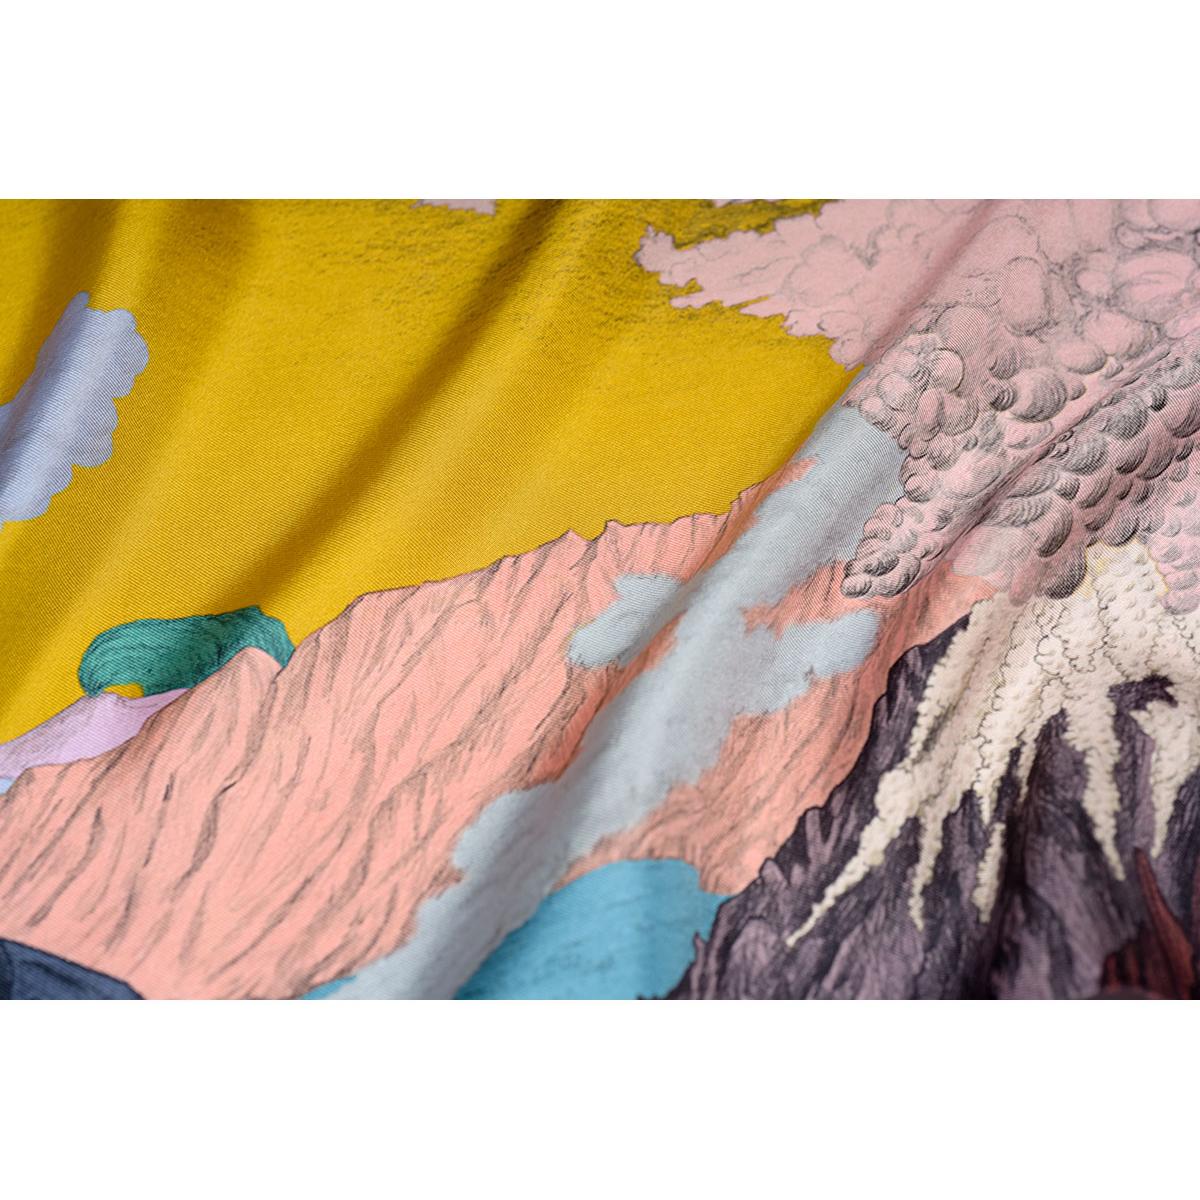 Détail foulard Volcans or de Céline Dominiak